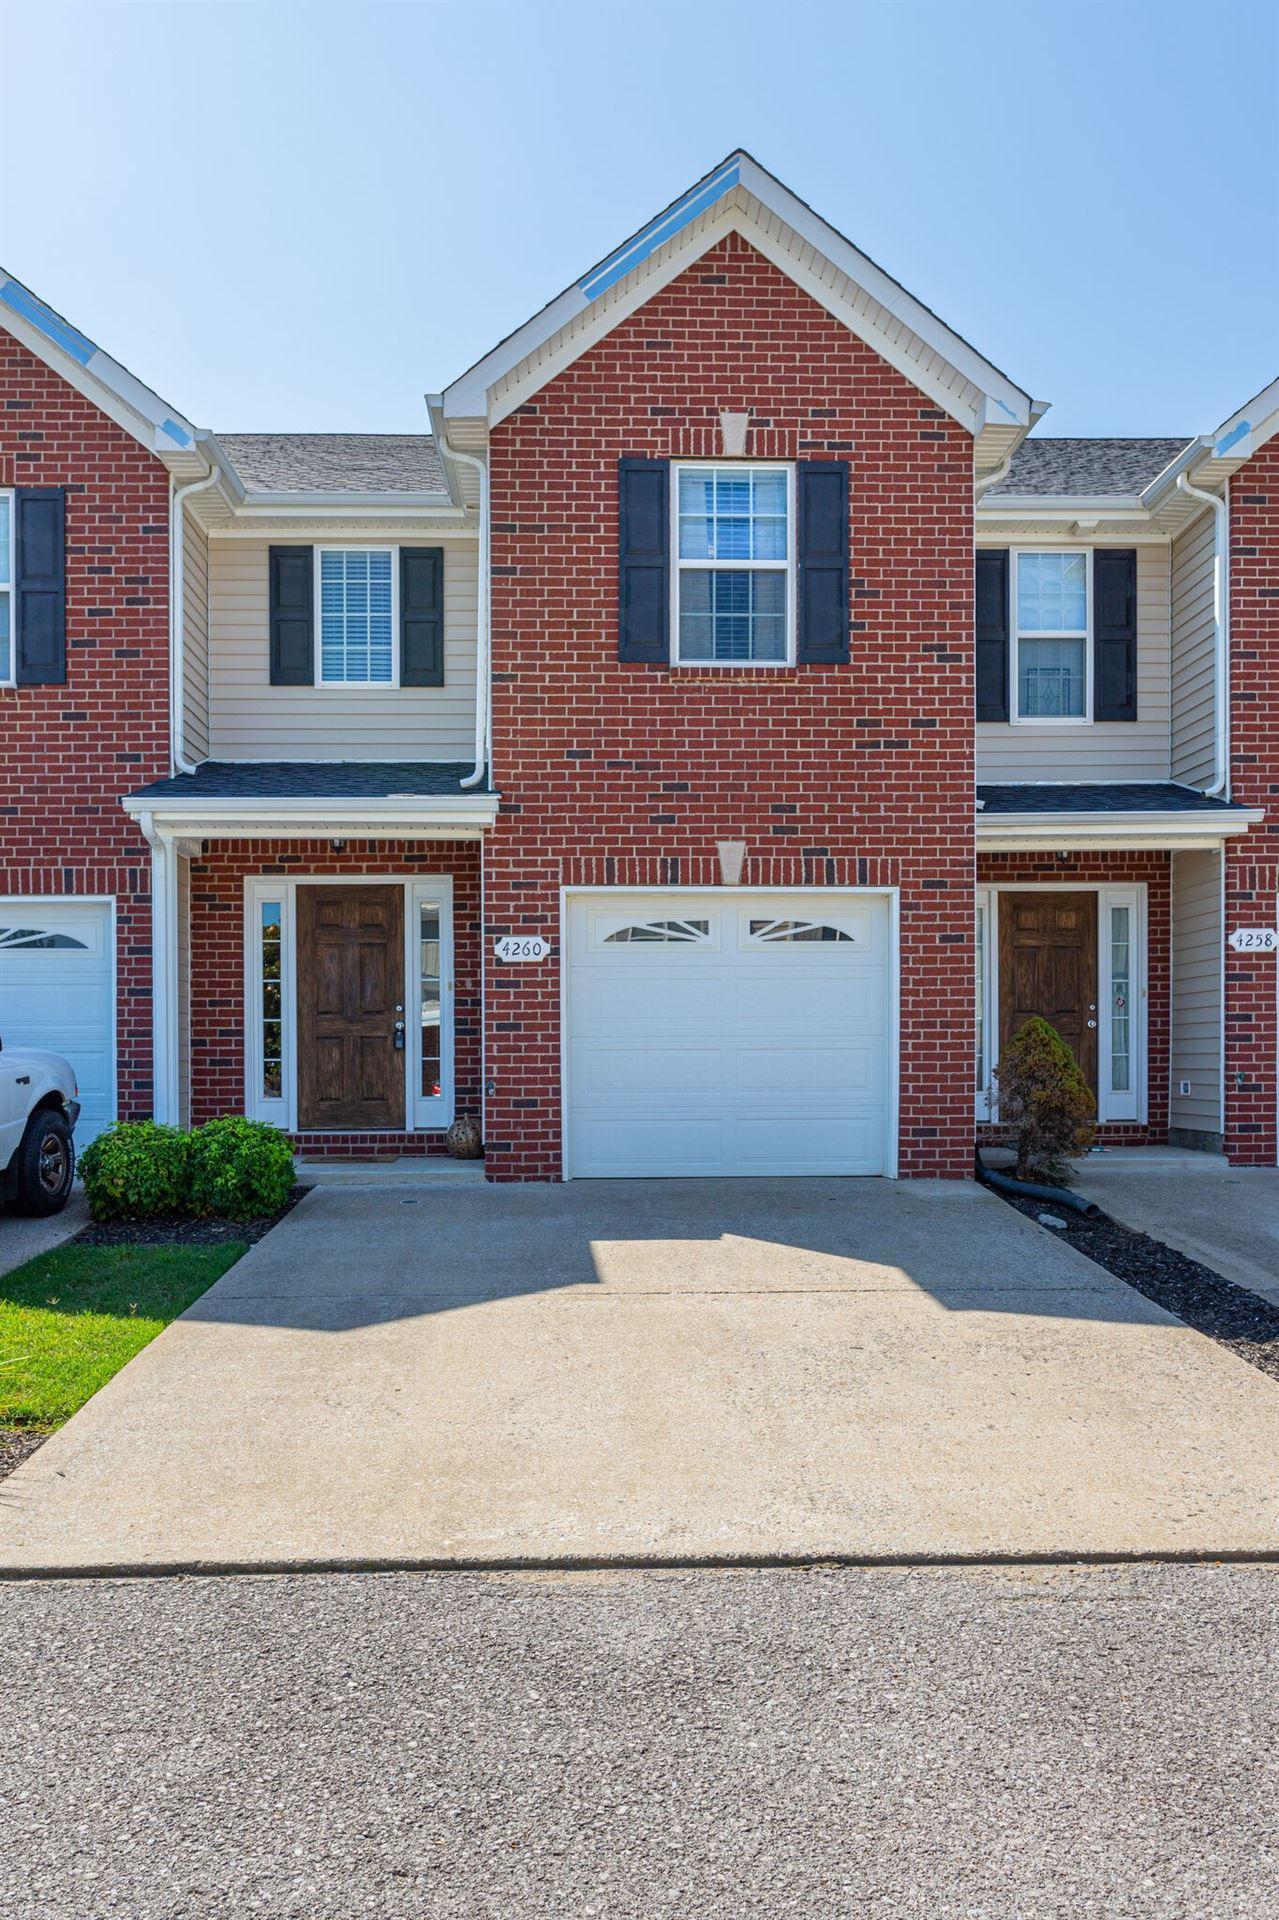 Photo of 4260 Aurora Cir, Murfreesboro, TN 37127 (MLS # 2288579)